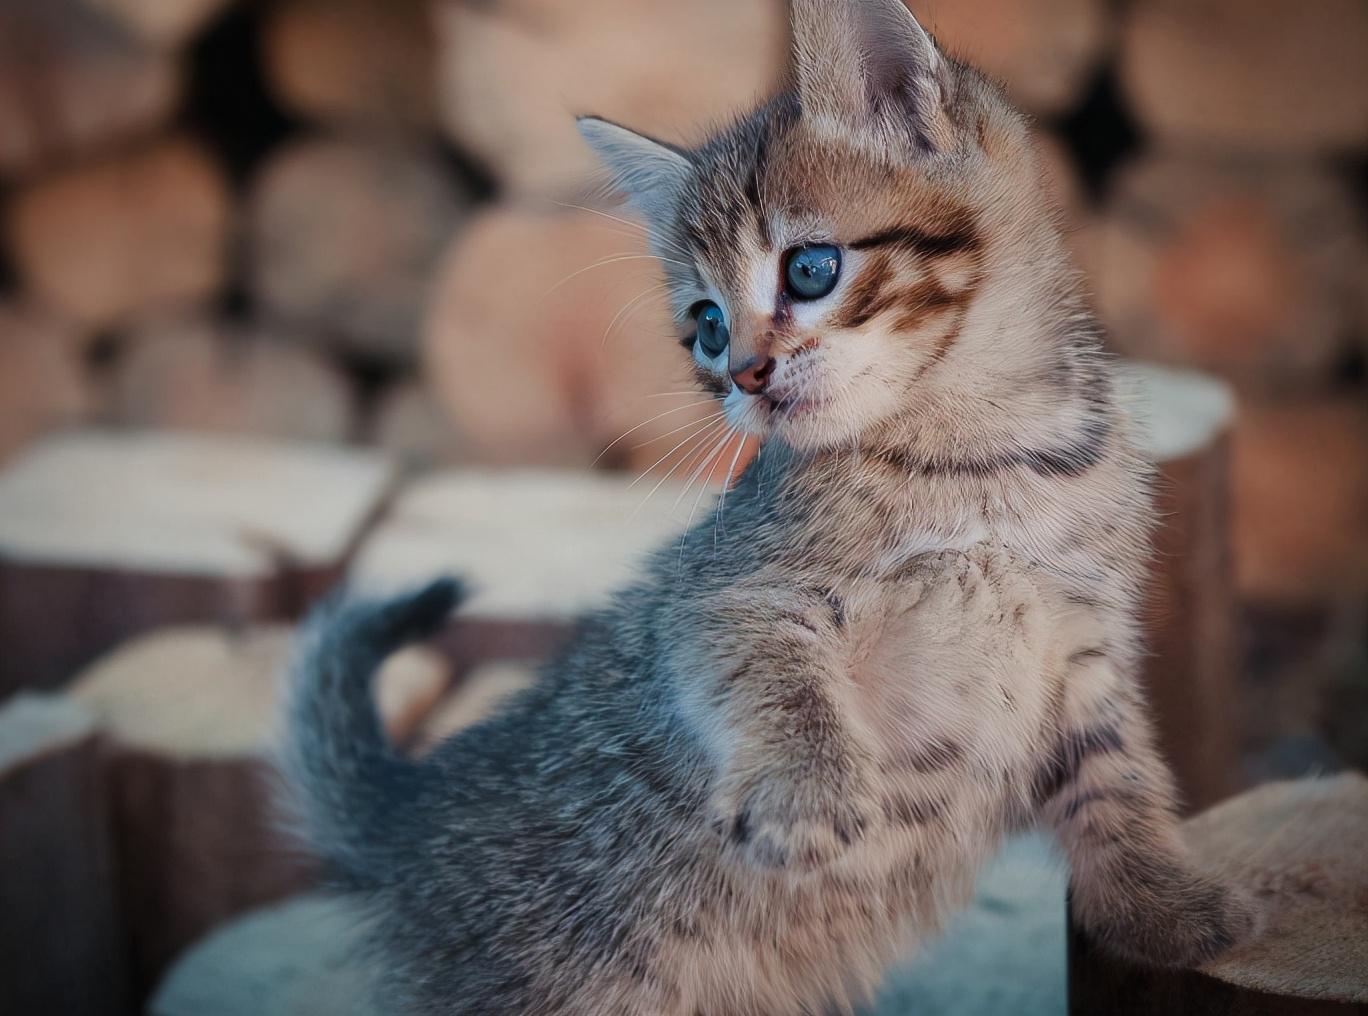 一般的工人不配养猫?6年的猫咪饲养经验,告诉你什么牌子的猫粮